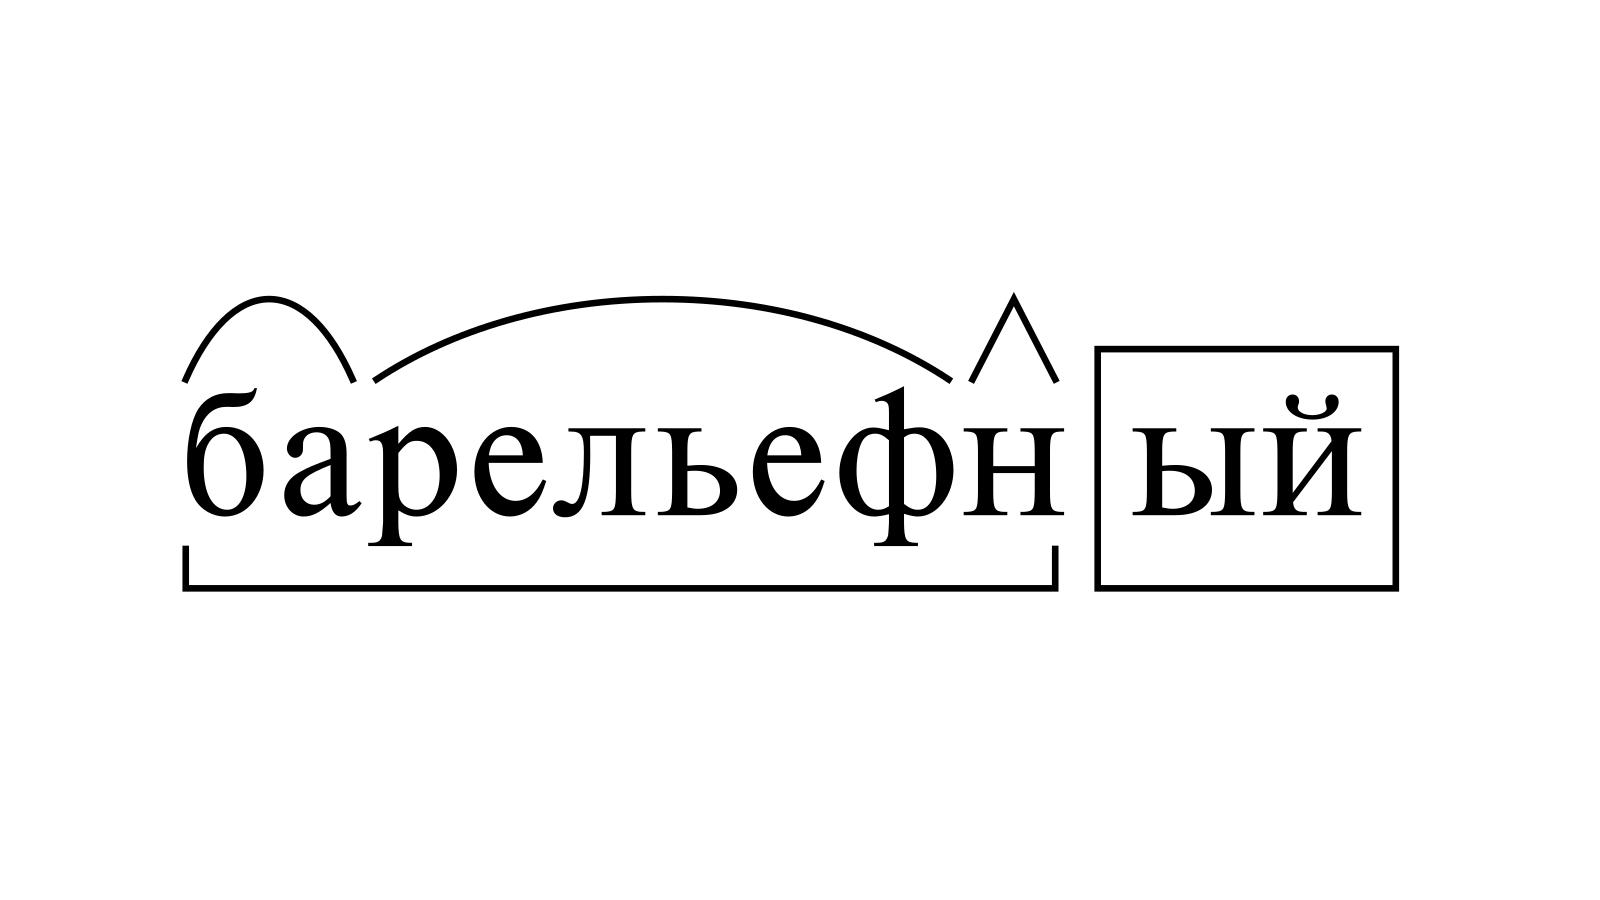 Разбор слова «барельефный» по составу